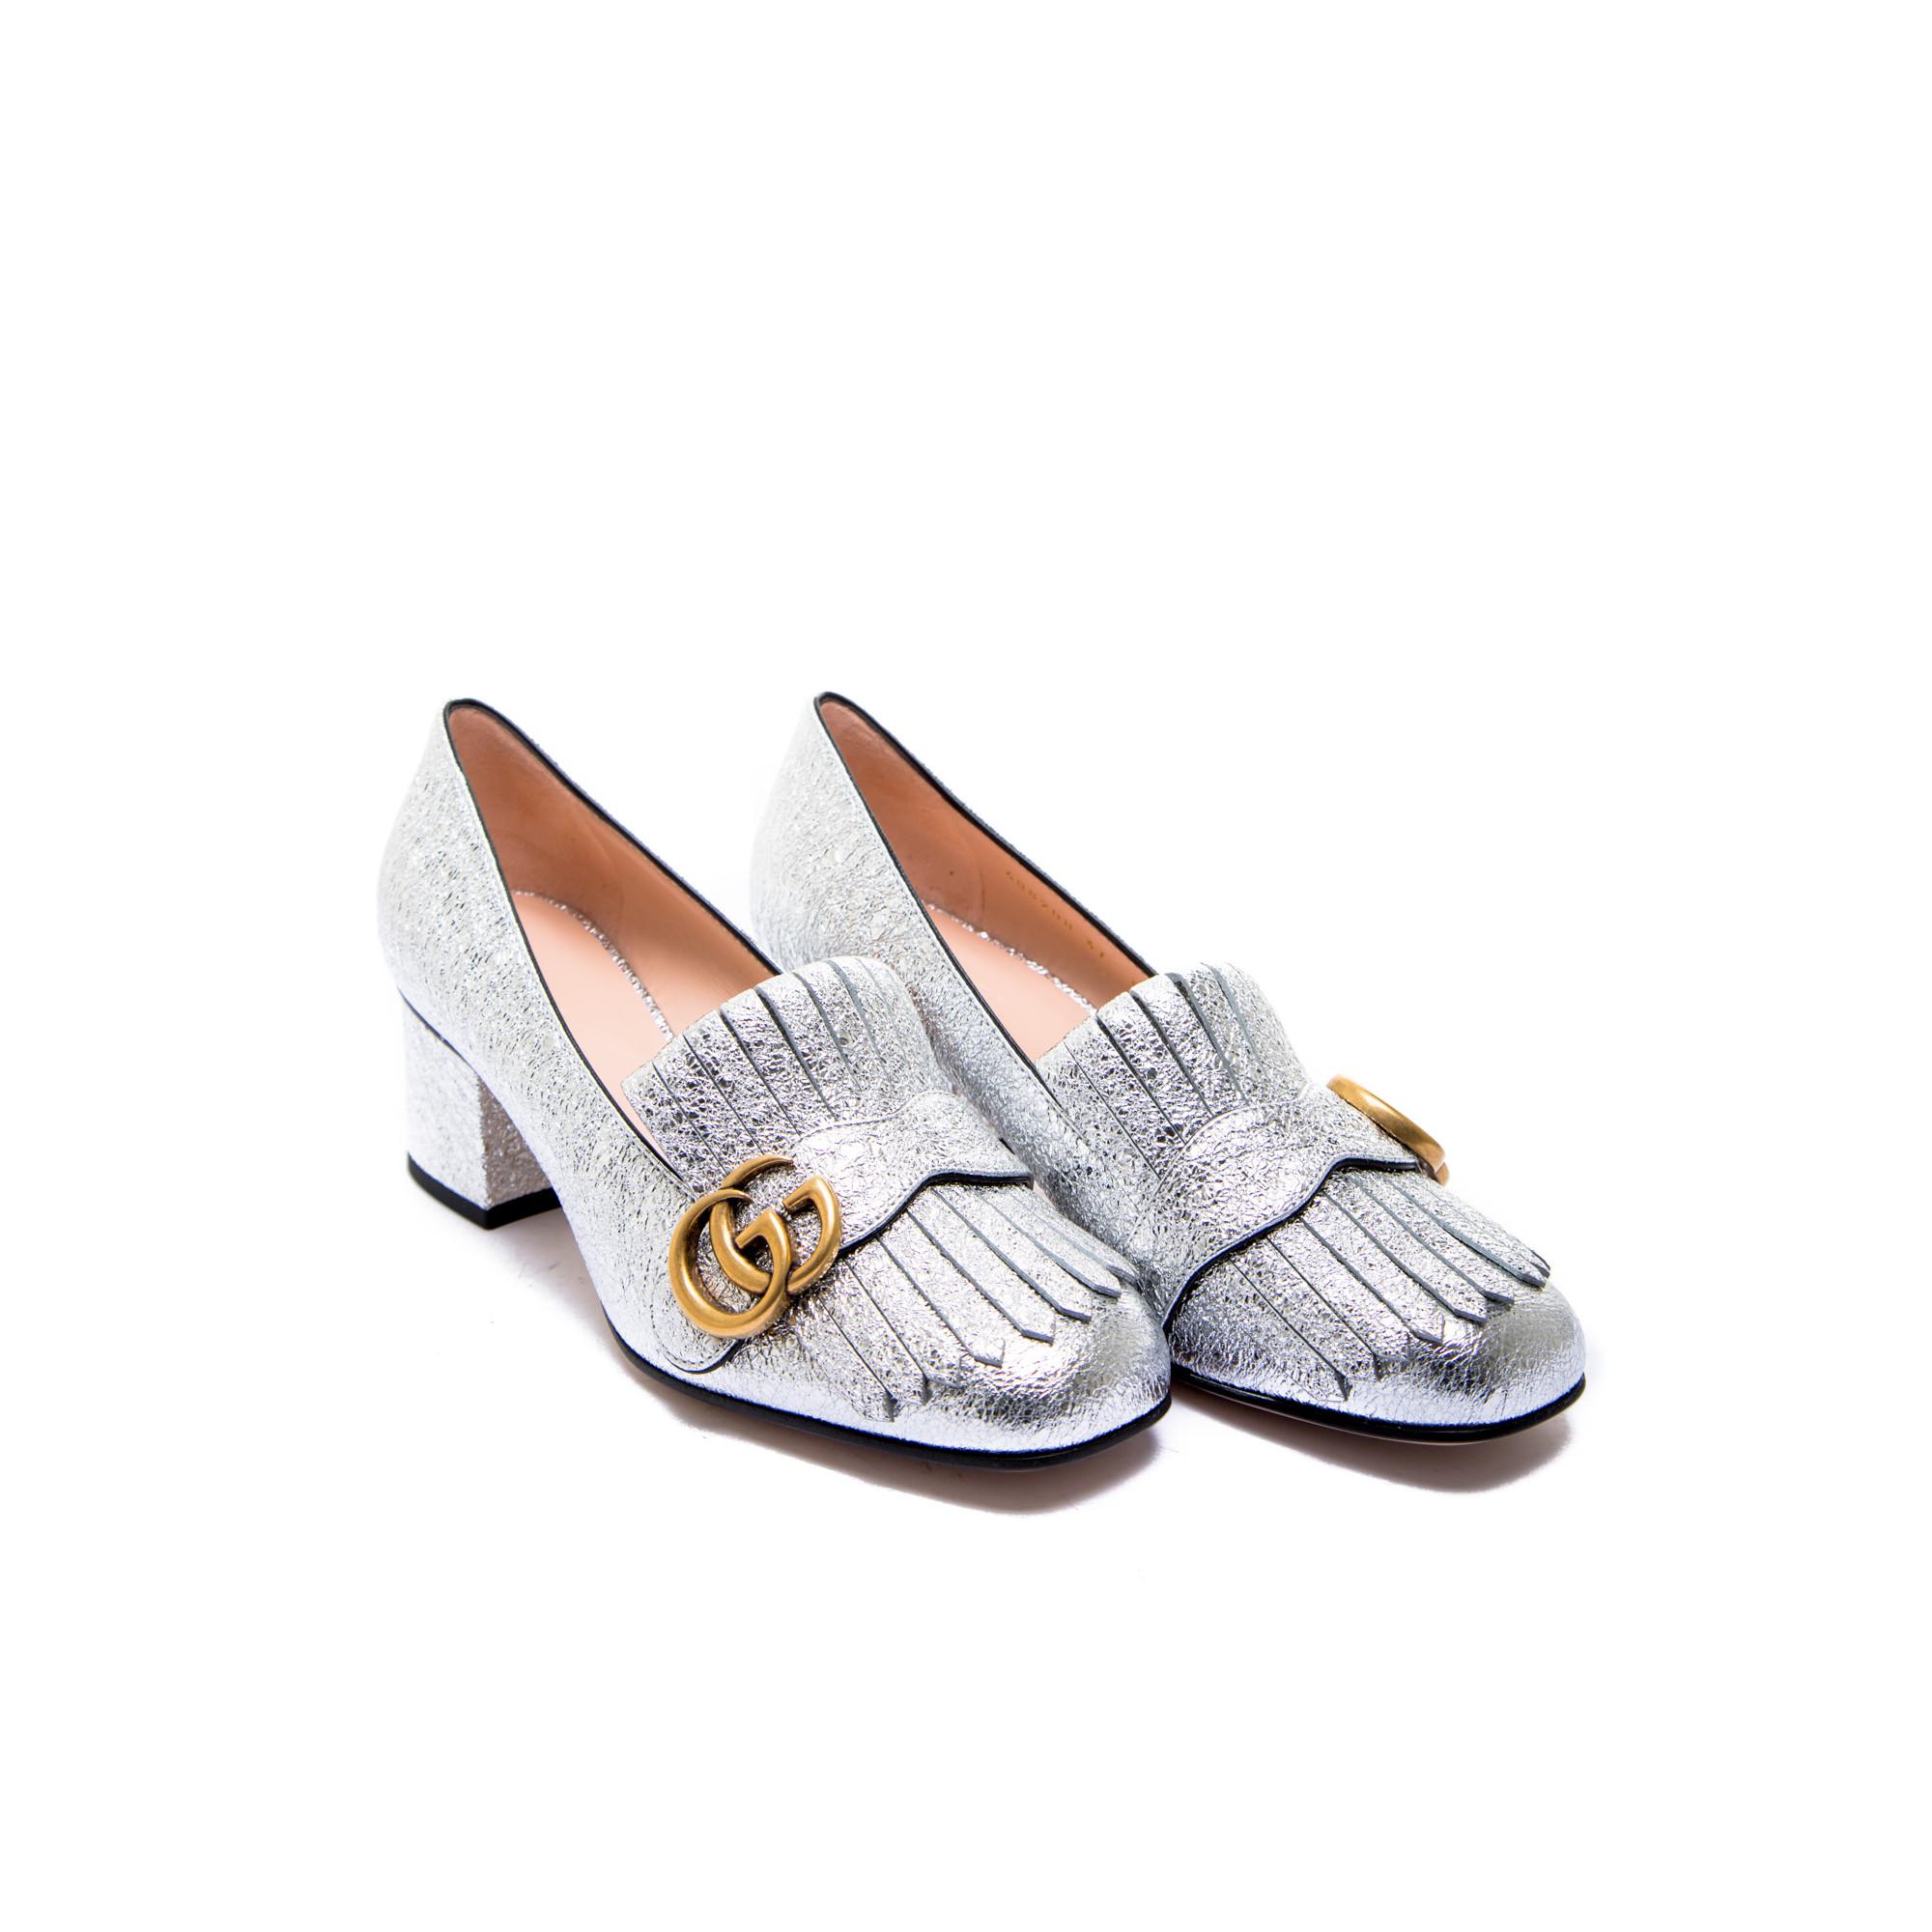 Chaussures Gucci Argent Pour Femmes n5VaeY1cbt